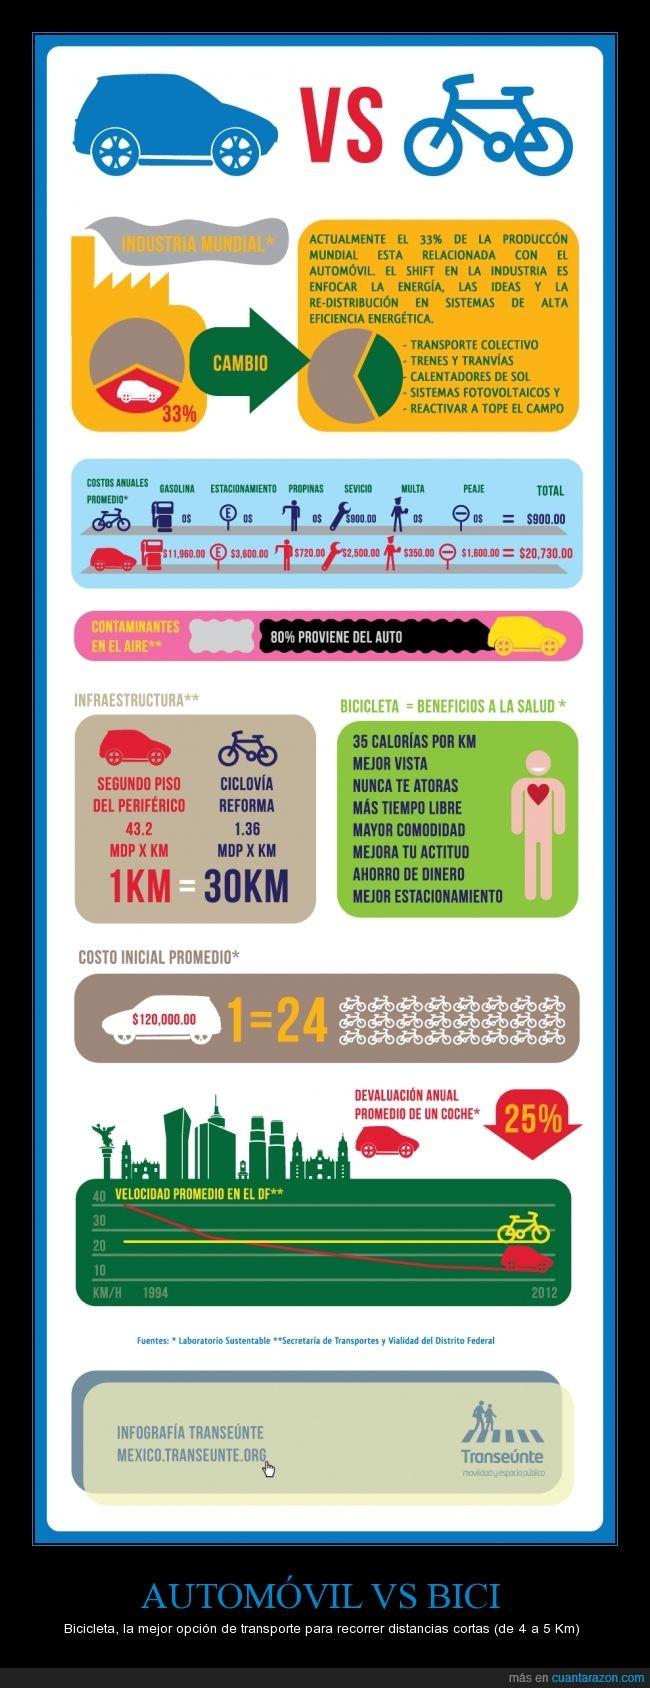 actualidad,ahorro,bici,coche,dinero,medio ambiente,salud,ventajas